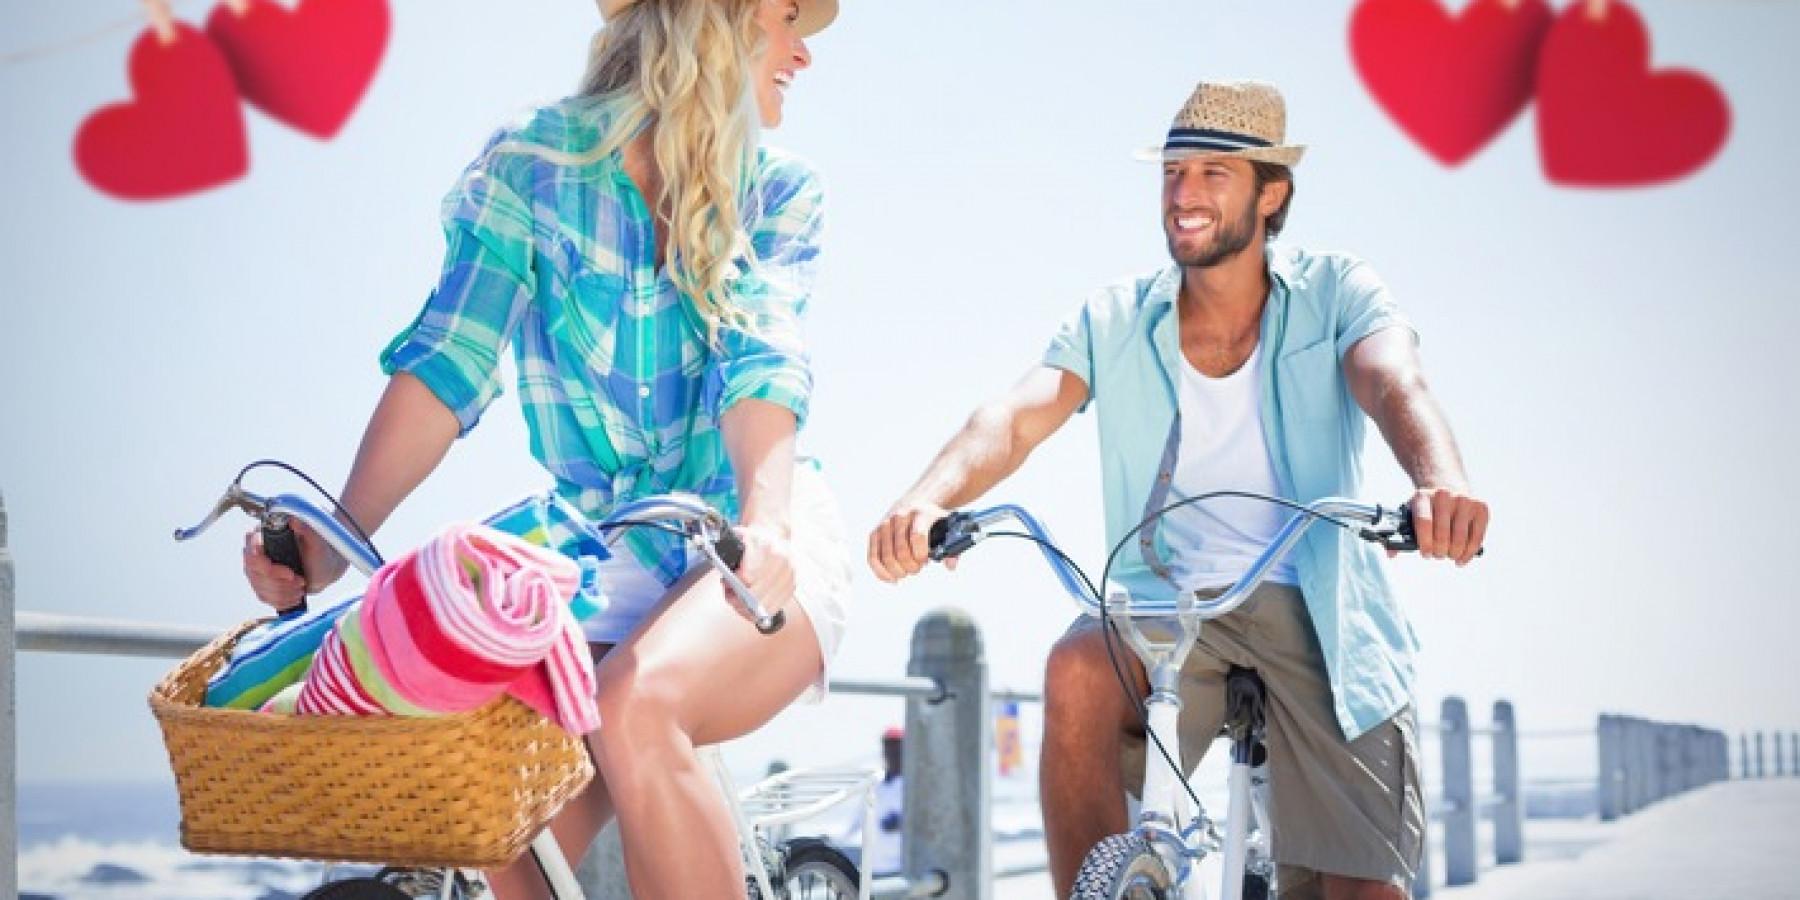 Urlaubsflirt oder Urlaubsflaute? Das erwarten die Deutschen in Sachen Liebe